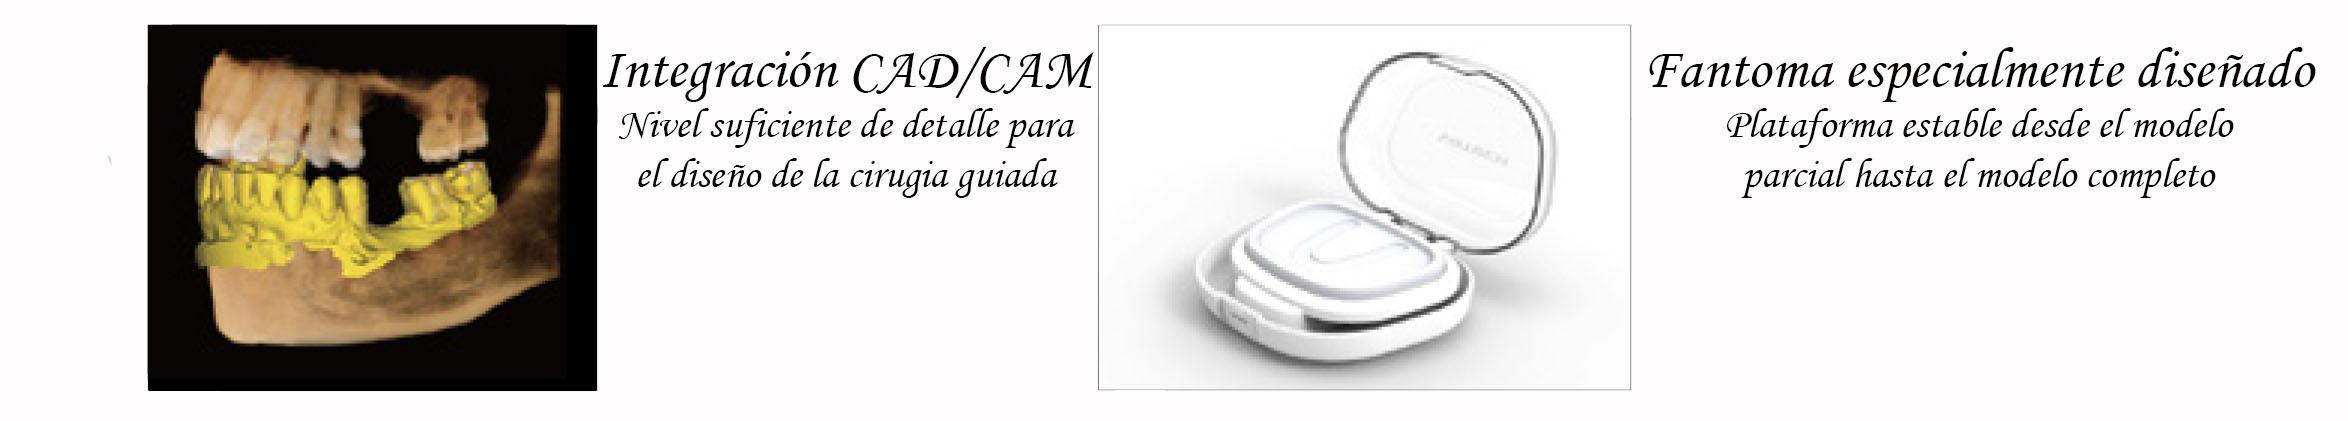 Diseño cirugía guiada y Escaneado de modelos Smart Plus 3D de Vatech